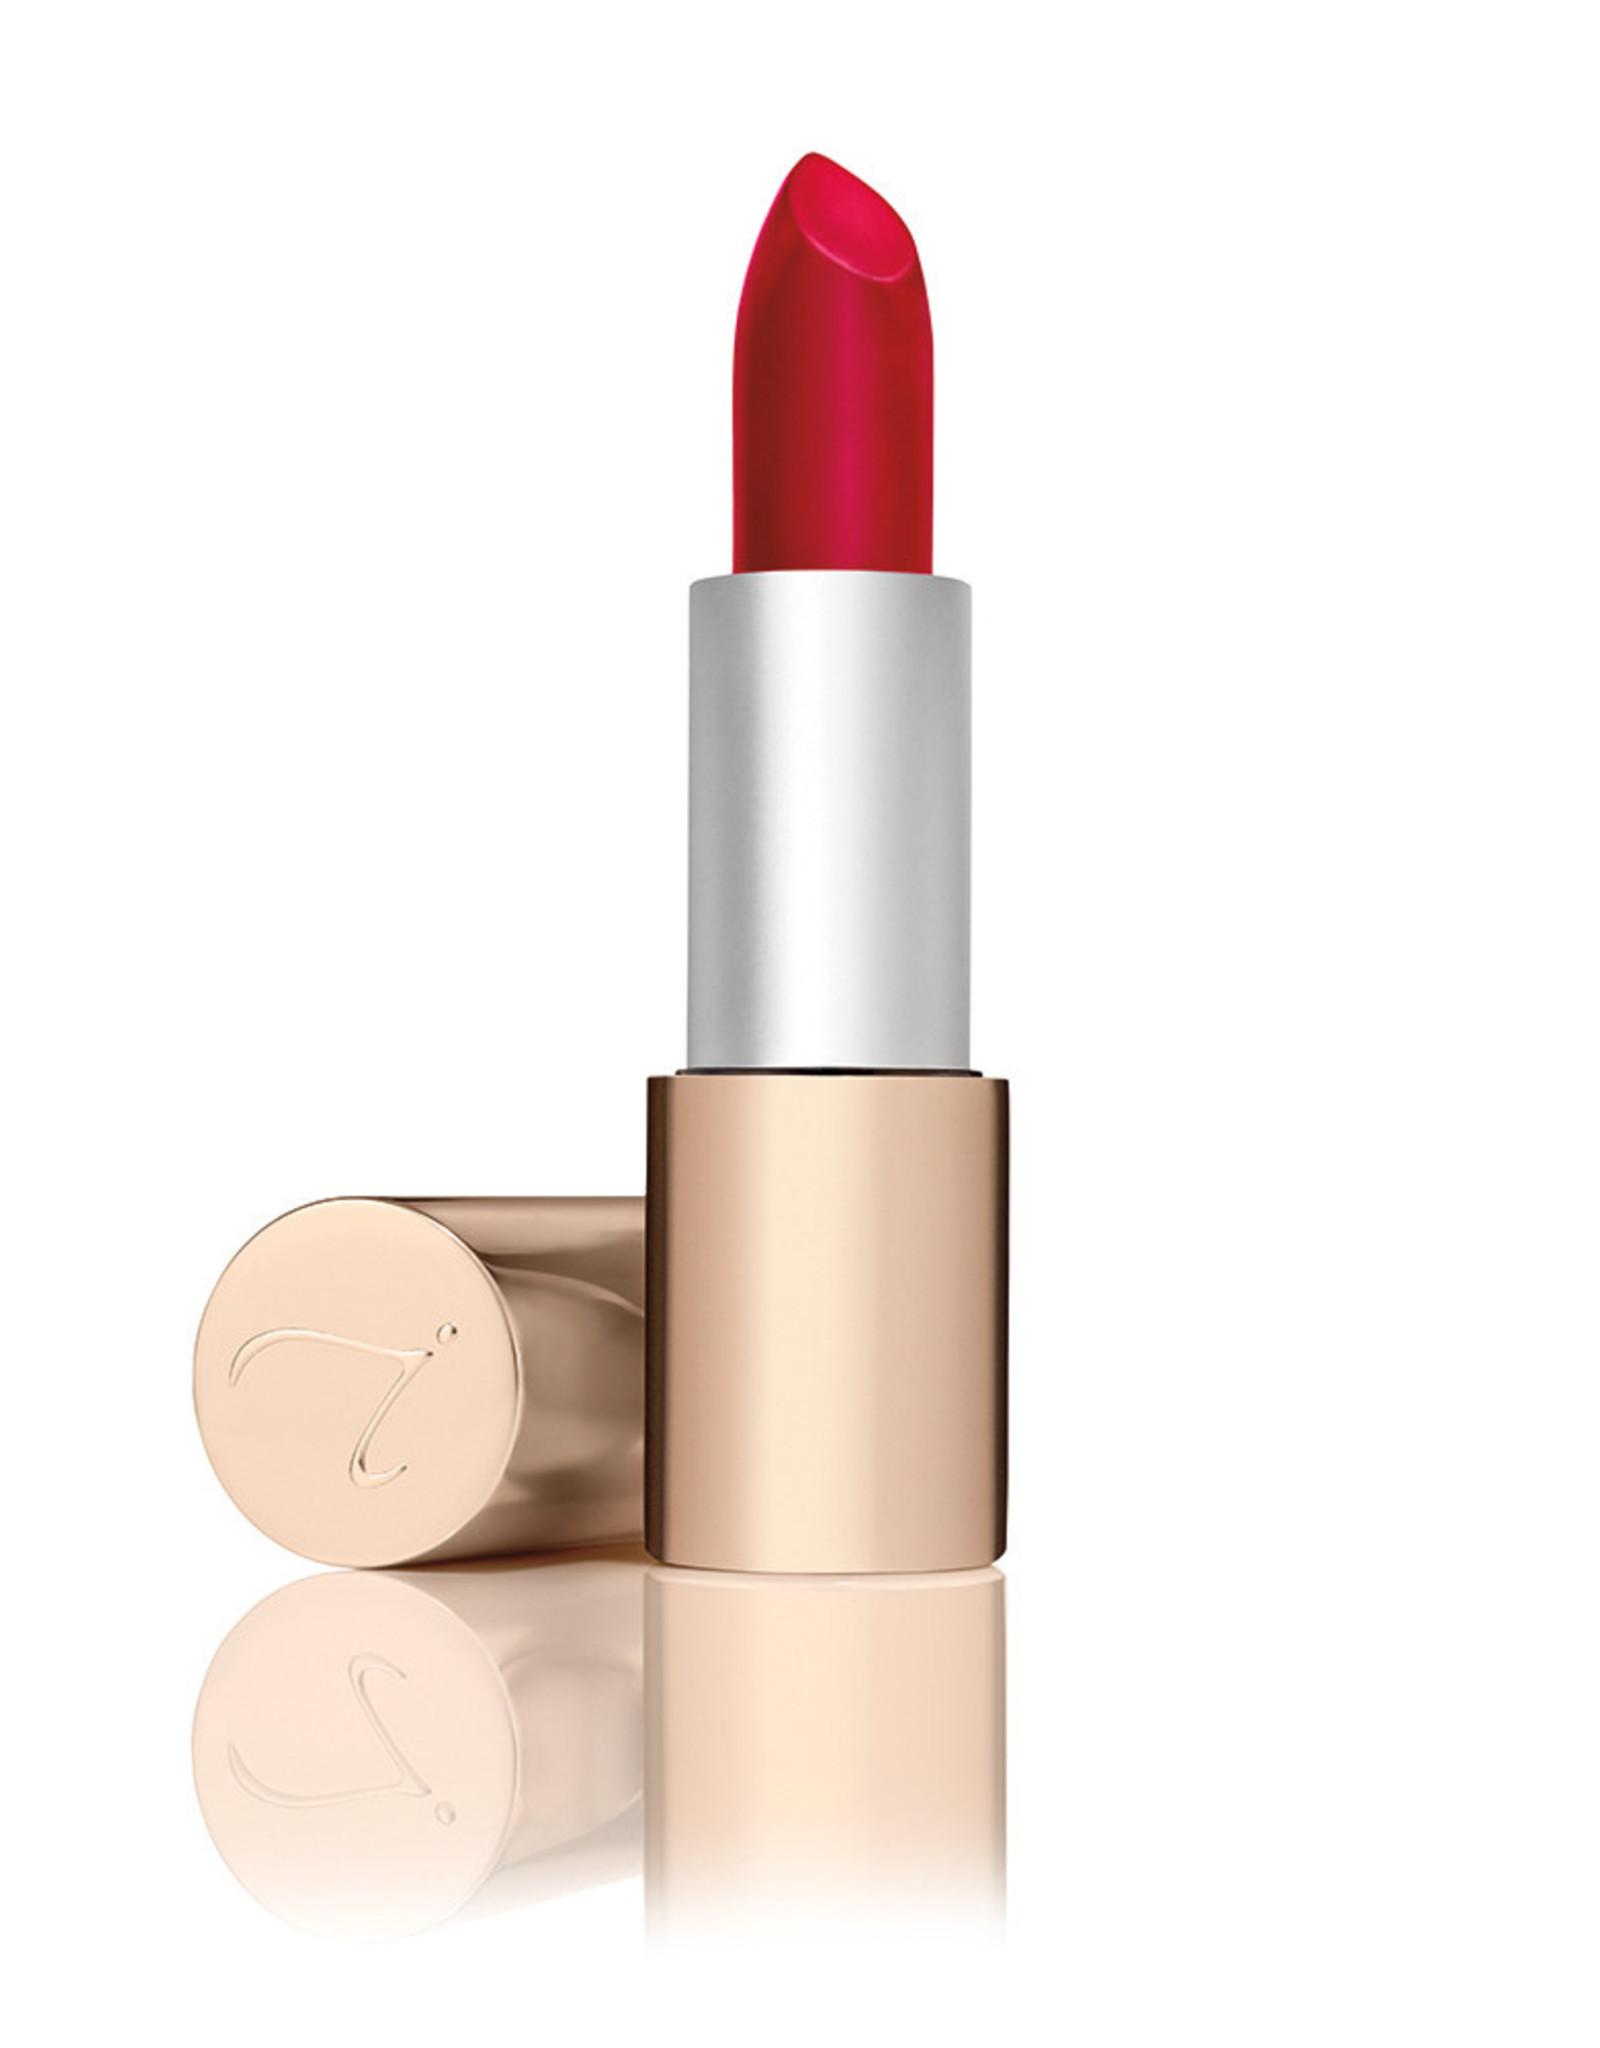 Triple luxe lipstick gwen